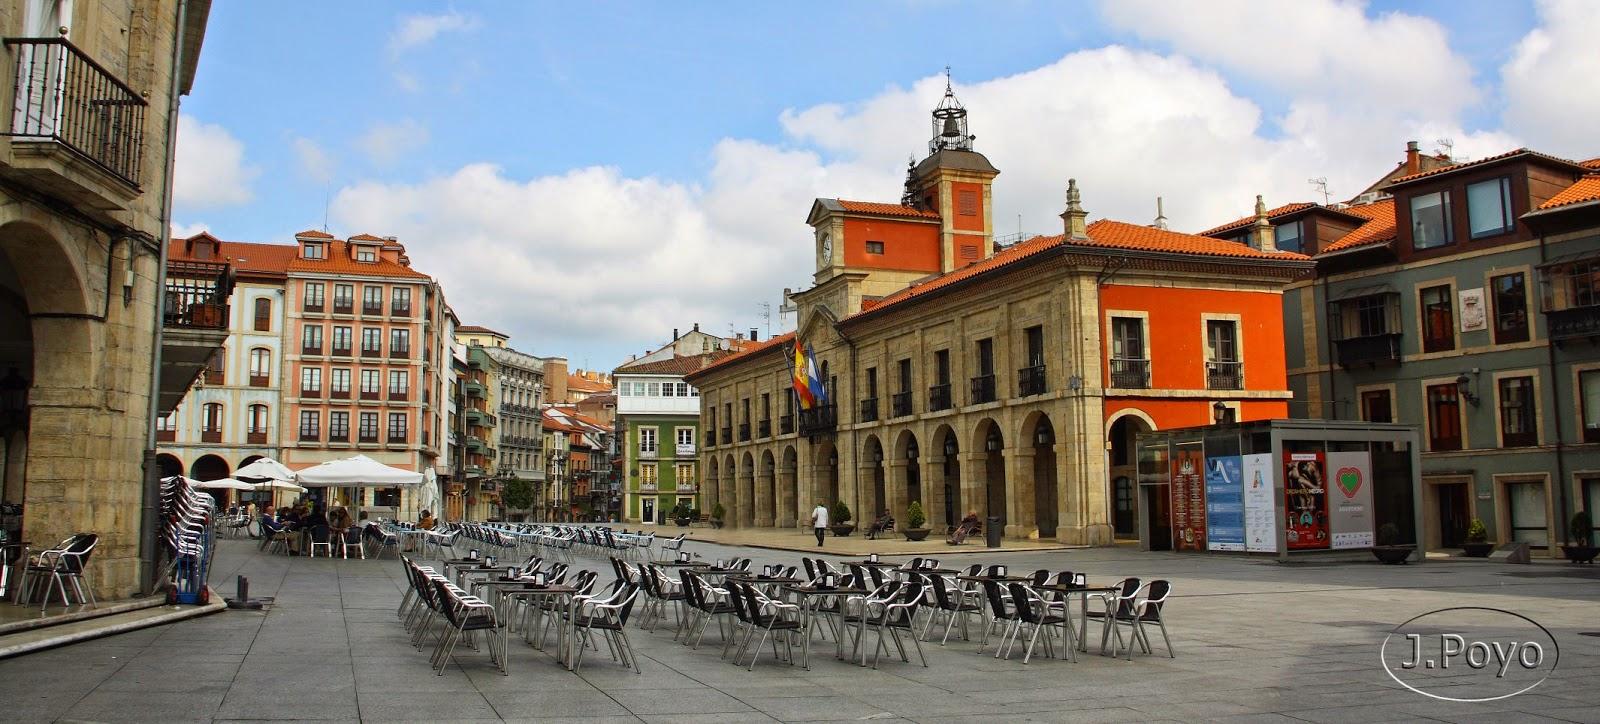 Plaza de España de Avilés